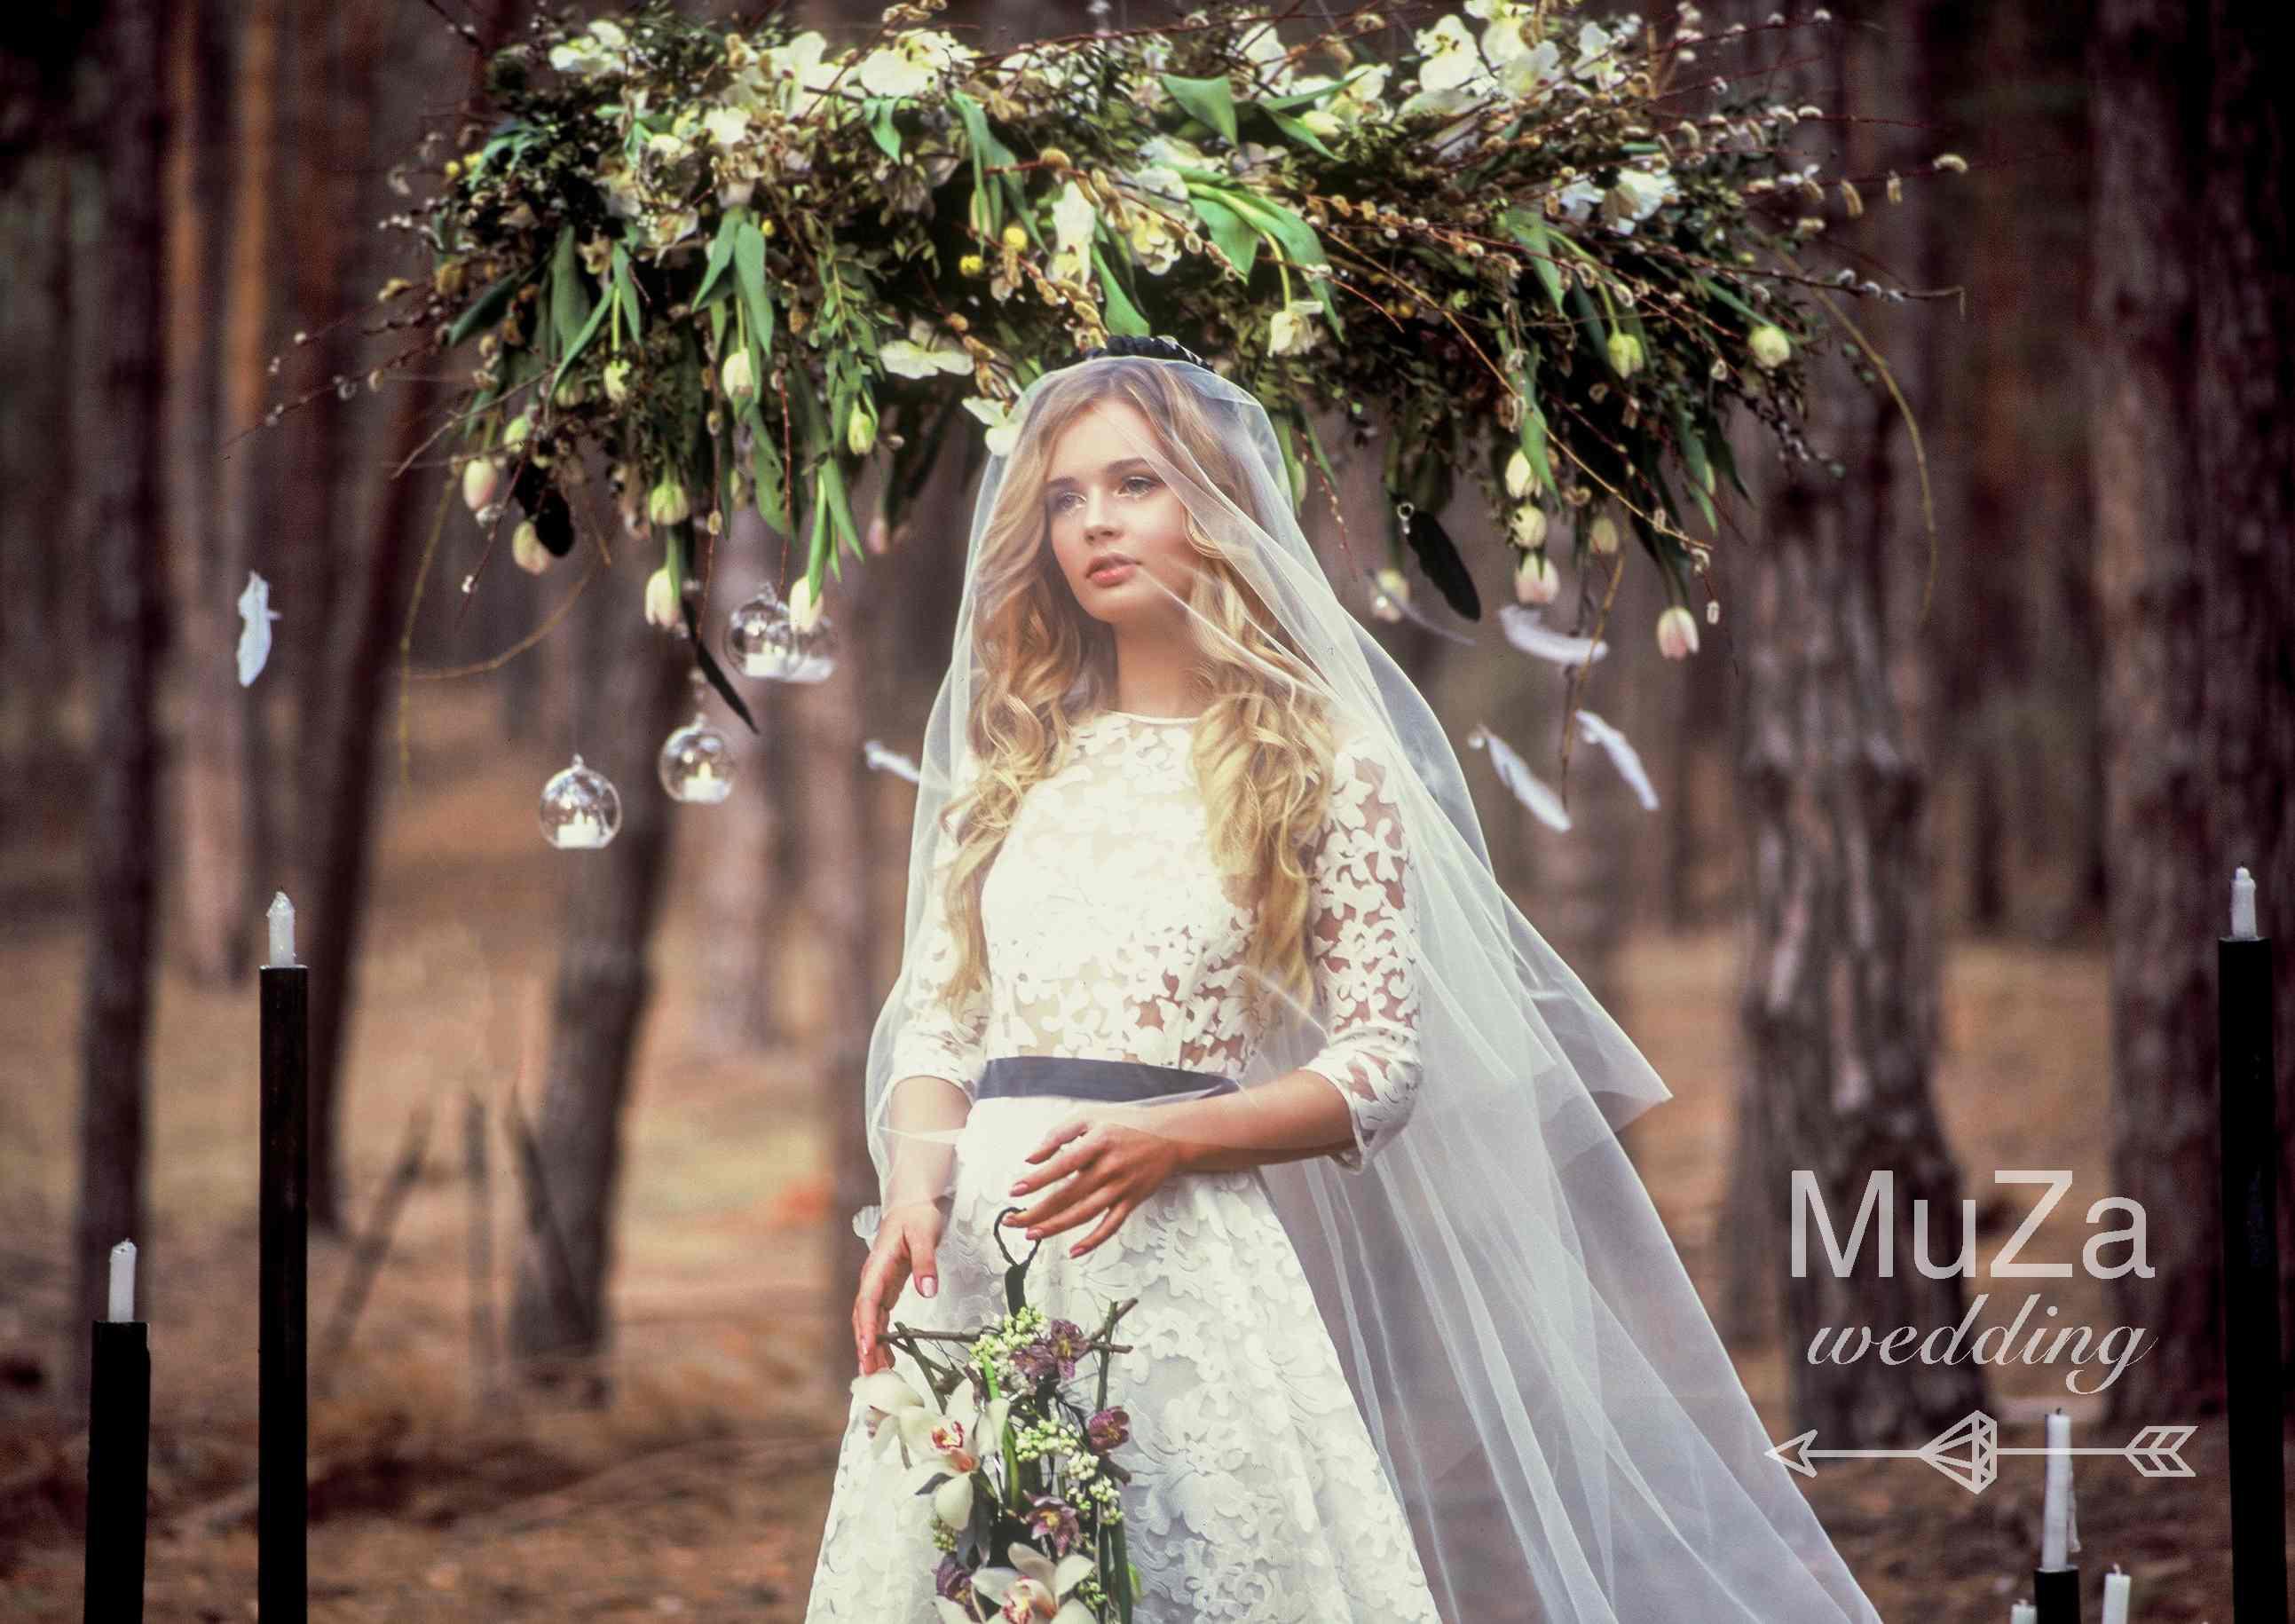 образ невесты - Аве Мария